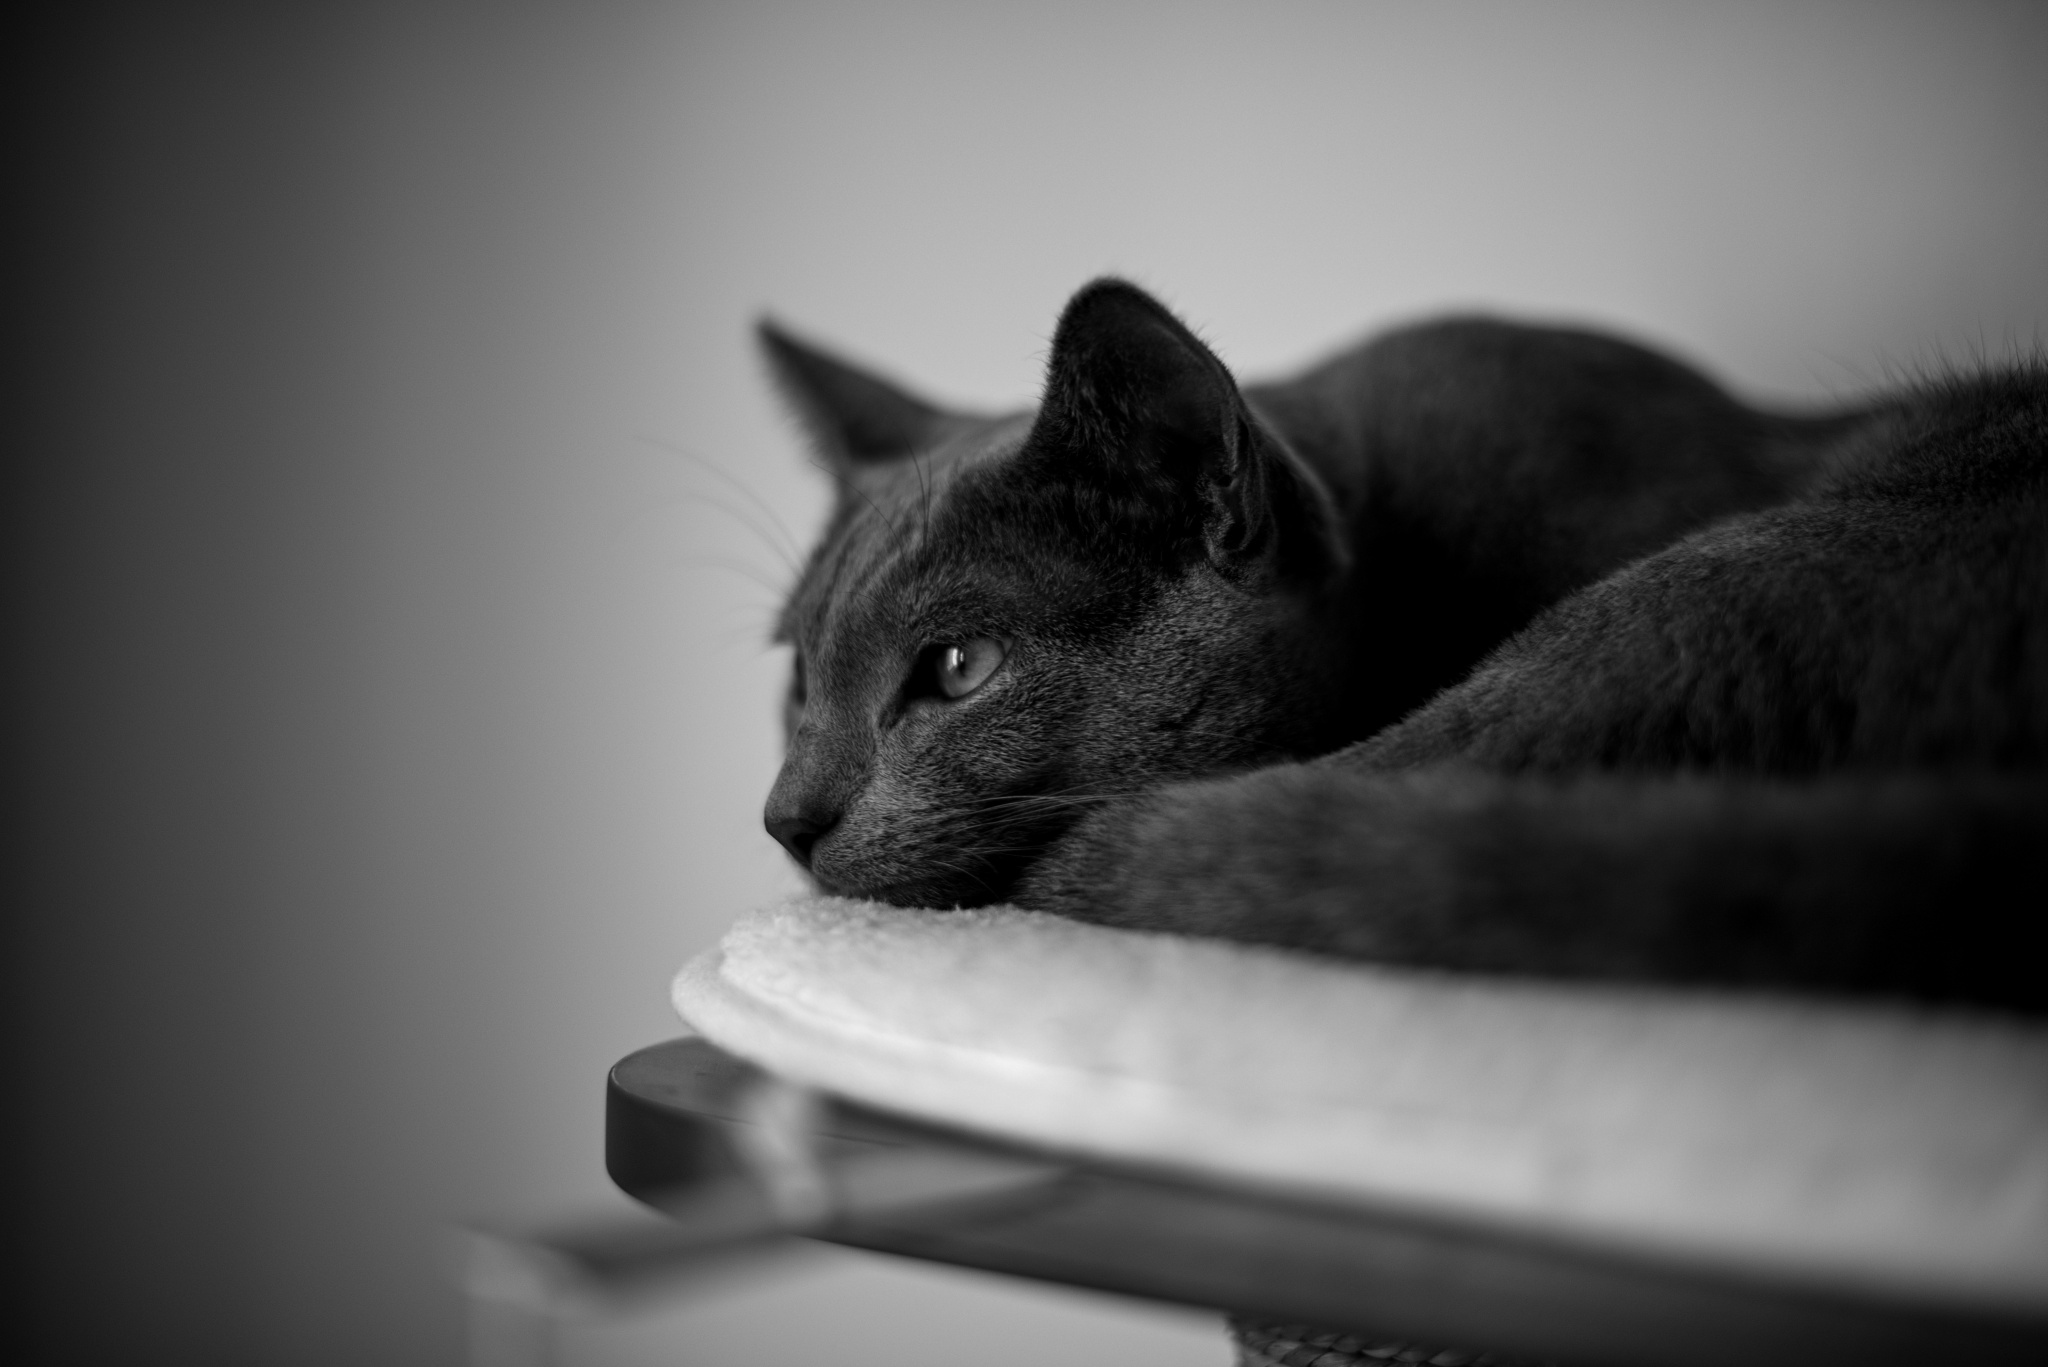 Tipy, jak upravit fotky vašich kočičích mazlíčků